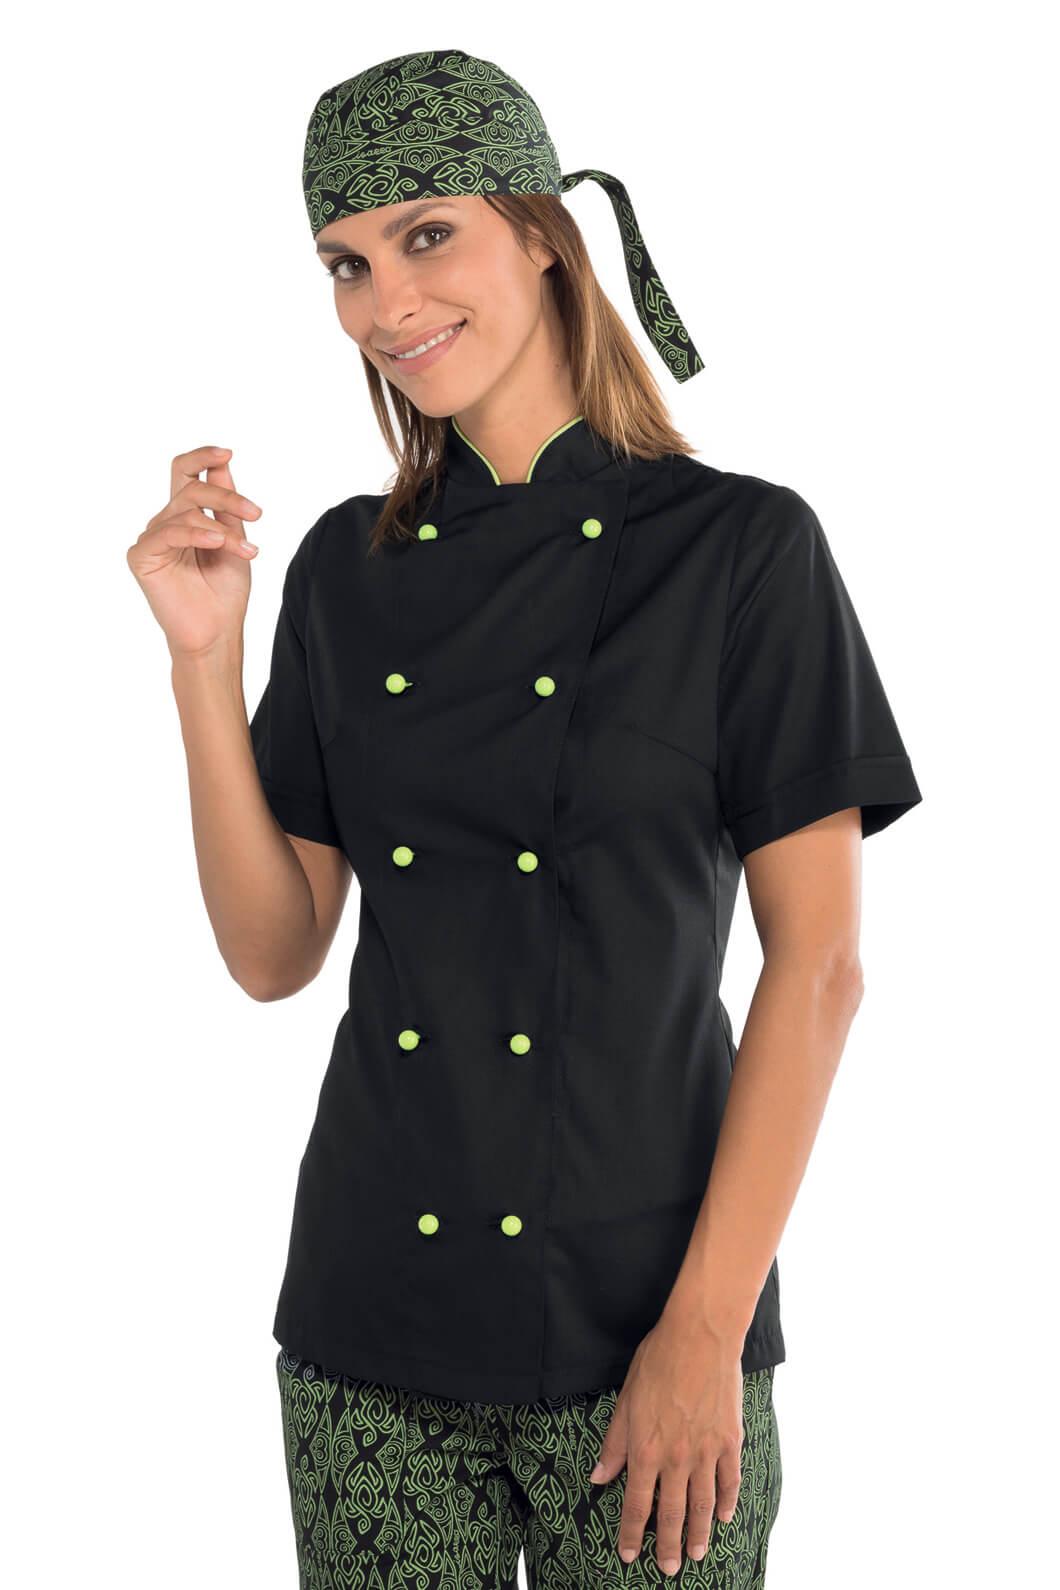 Veste Cuisine Pour Noire Extra De Tissu Femme Léger Vestes 6B76xZwq